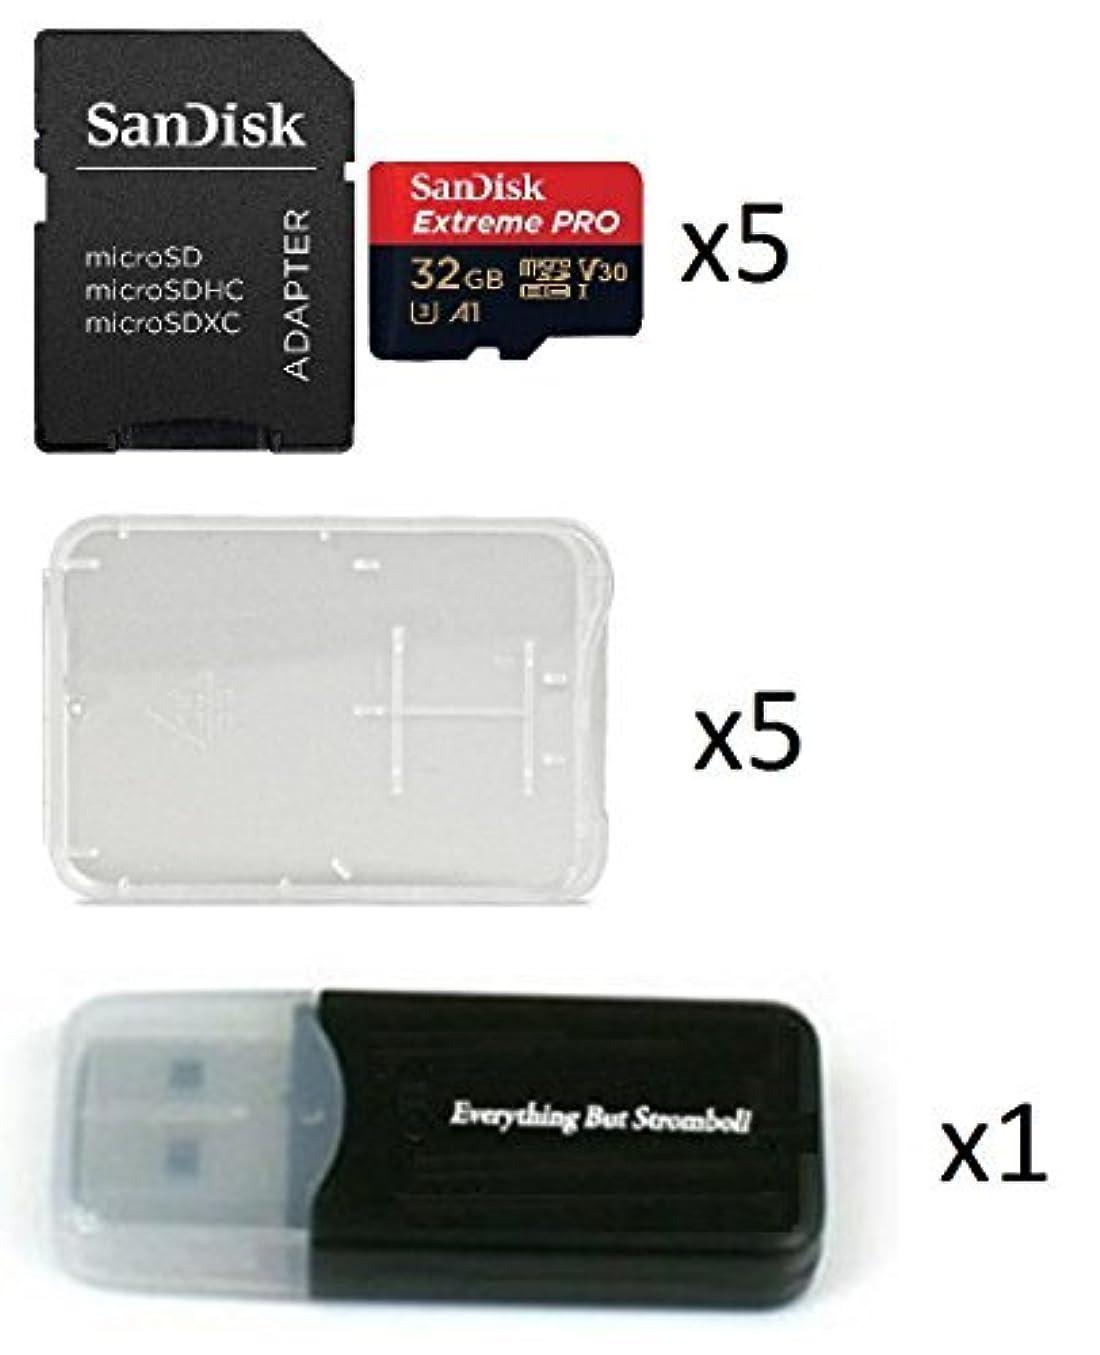 虹お世話になった不足32GB Sandisk Extreme Pro (Five Pack) 4K Micro Memory Card (SDSQXCG-032G-GN6MA) Class 10 U3 V30 A1 32G MicroSD HC Bundle with 5 Plastic Cases and 1 Everything But Stromboli (TM) Card Reader [並行輸入品]